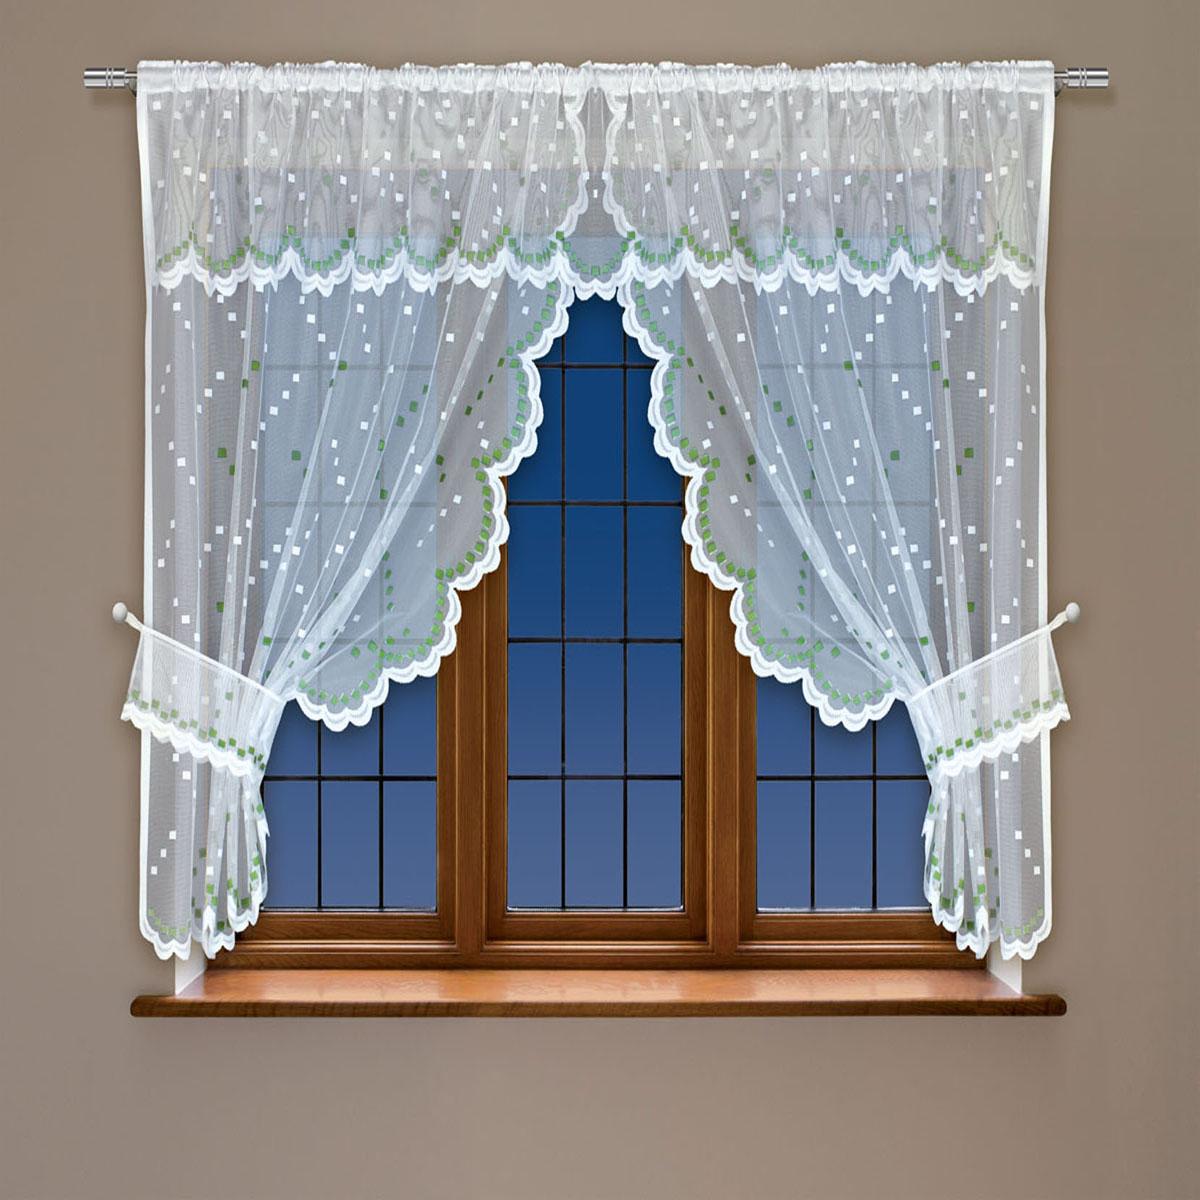 Гардина Haft, на кулиске, цвет: белый, зеленый, высота 91 см. 228410КШФИЛЛИНДА,светло-коричневый, , 170*260см-2шт+поВоздушная гардина Haft, выполненная из полиэстера, великолепно украсит любое окно.Изделие имеет оригинальный дизайн и органично впишется в интерьер помещения.Гардина крепится на карниз при помощи кулиски.